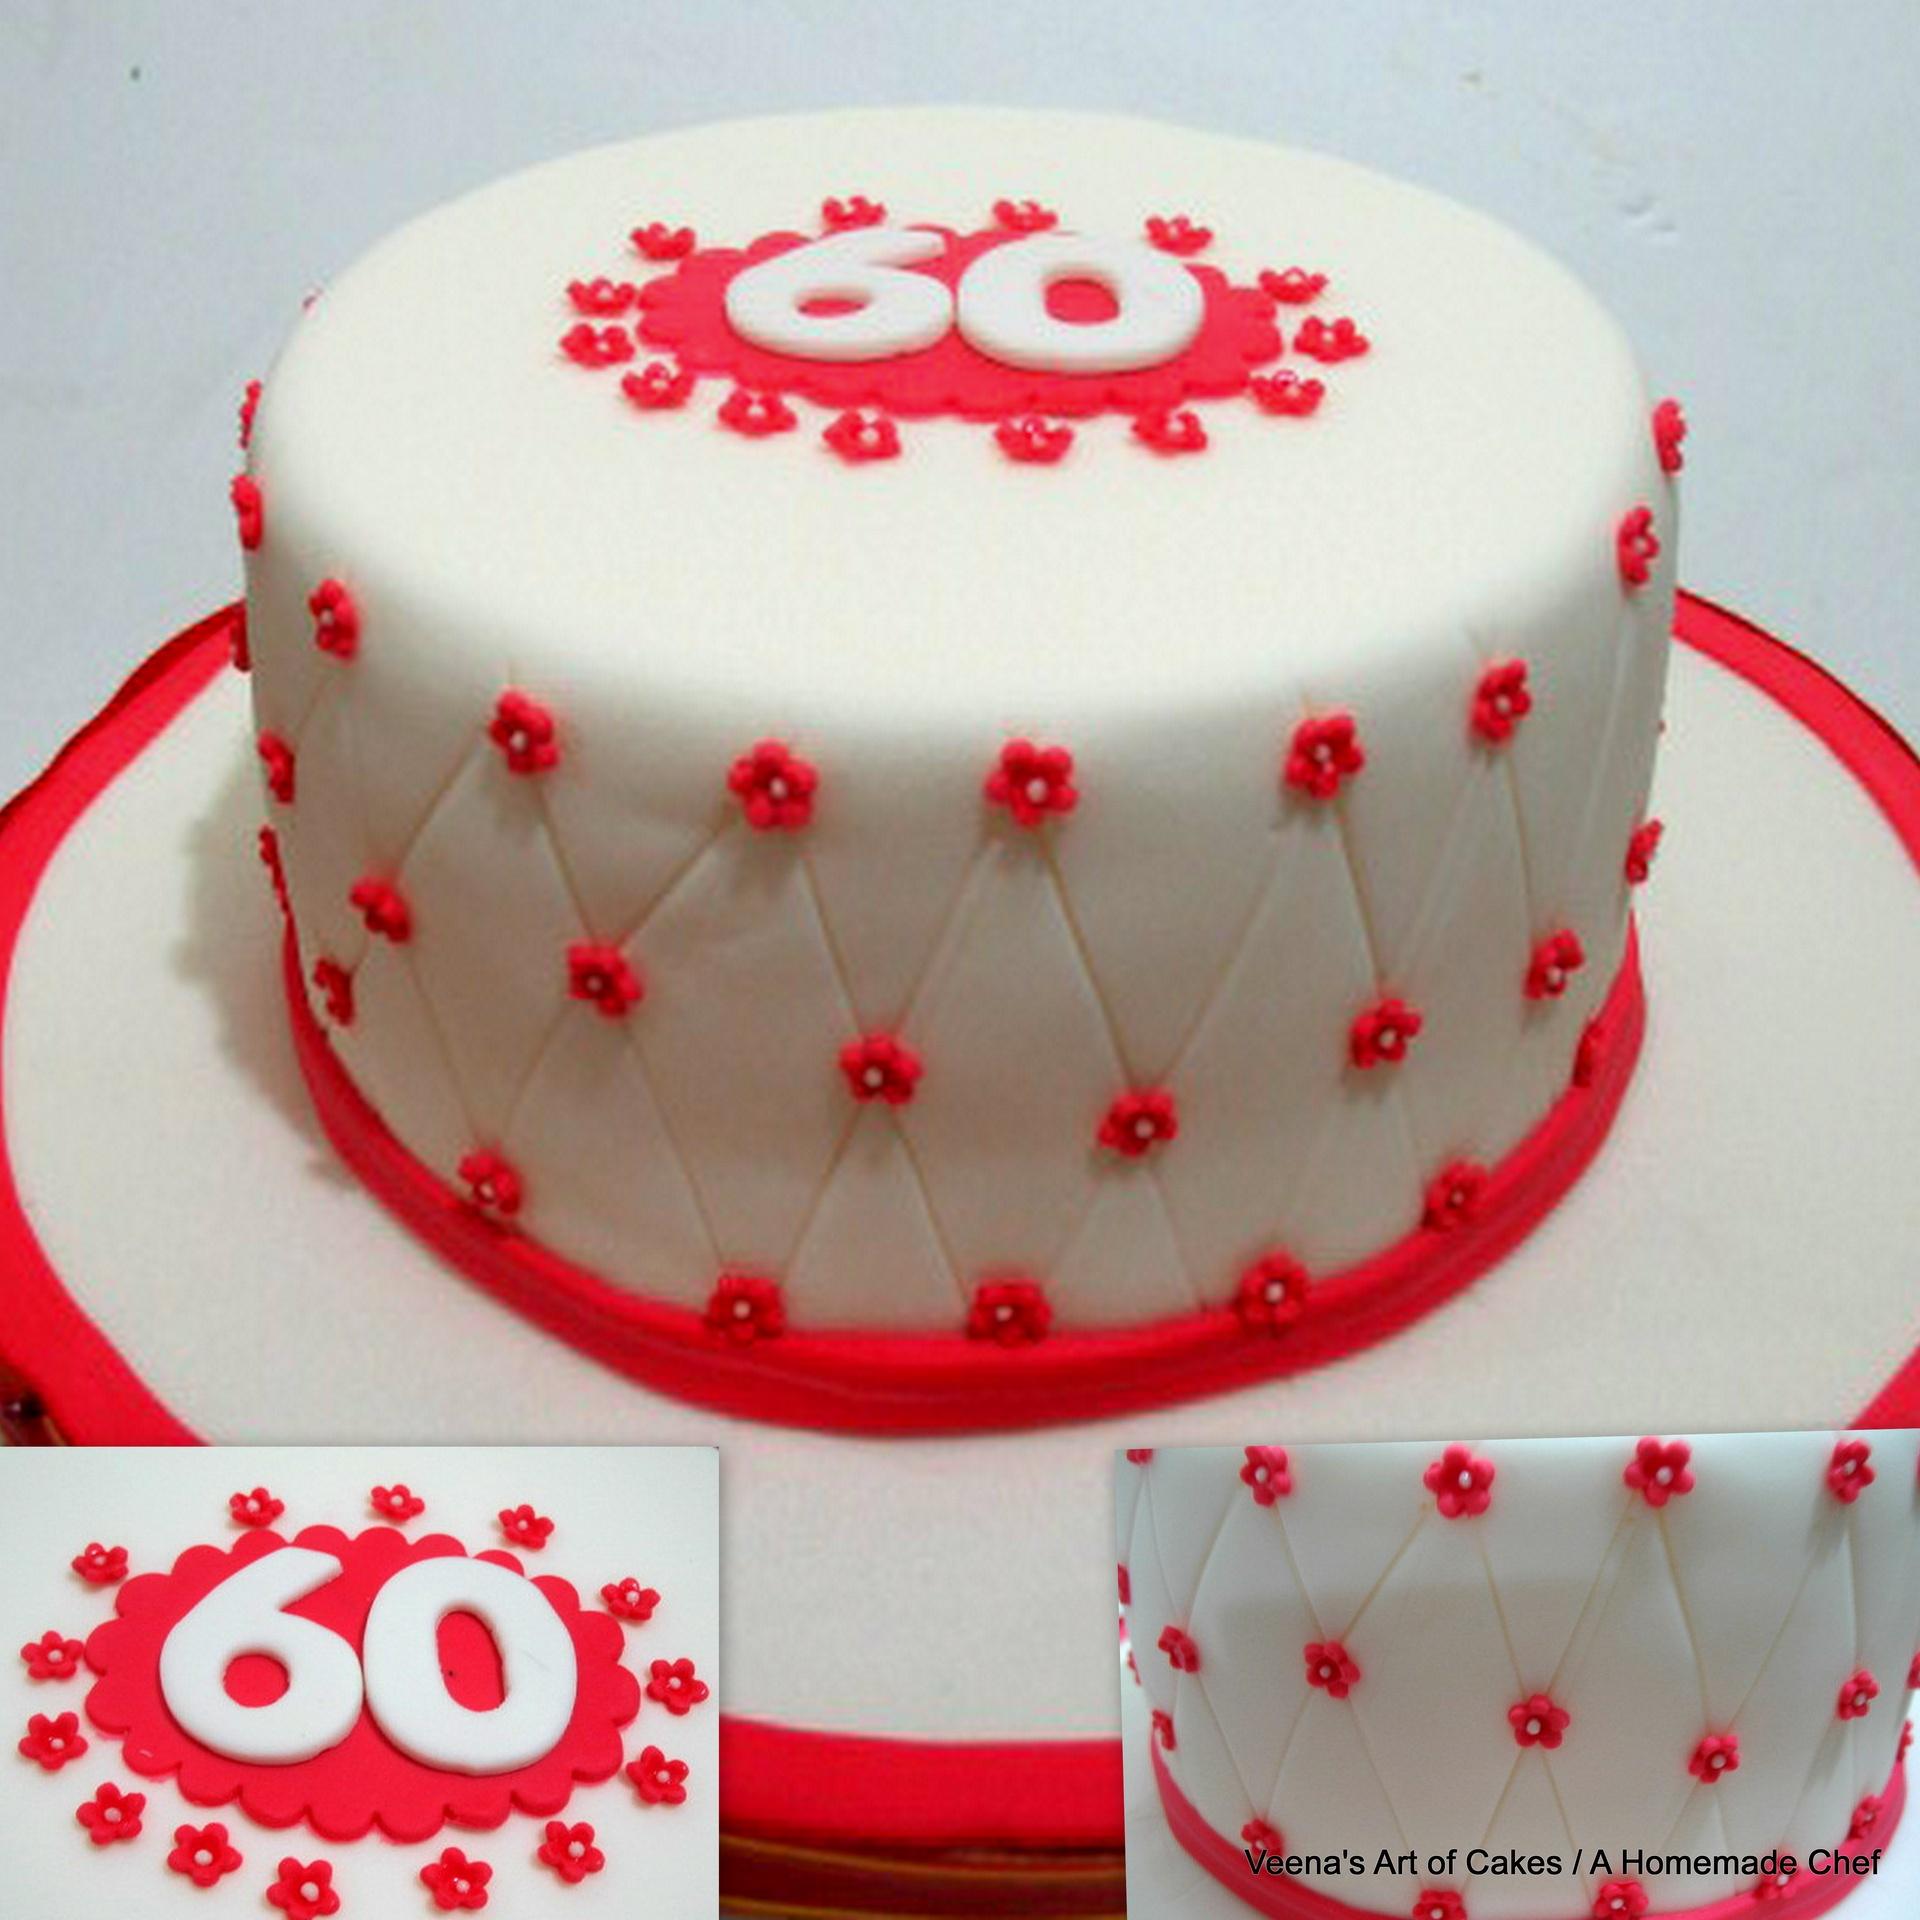 Сретеньем, торты на день рождения картинки карты на день рождения